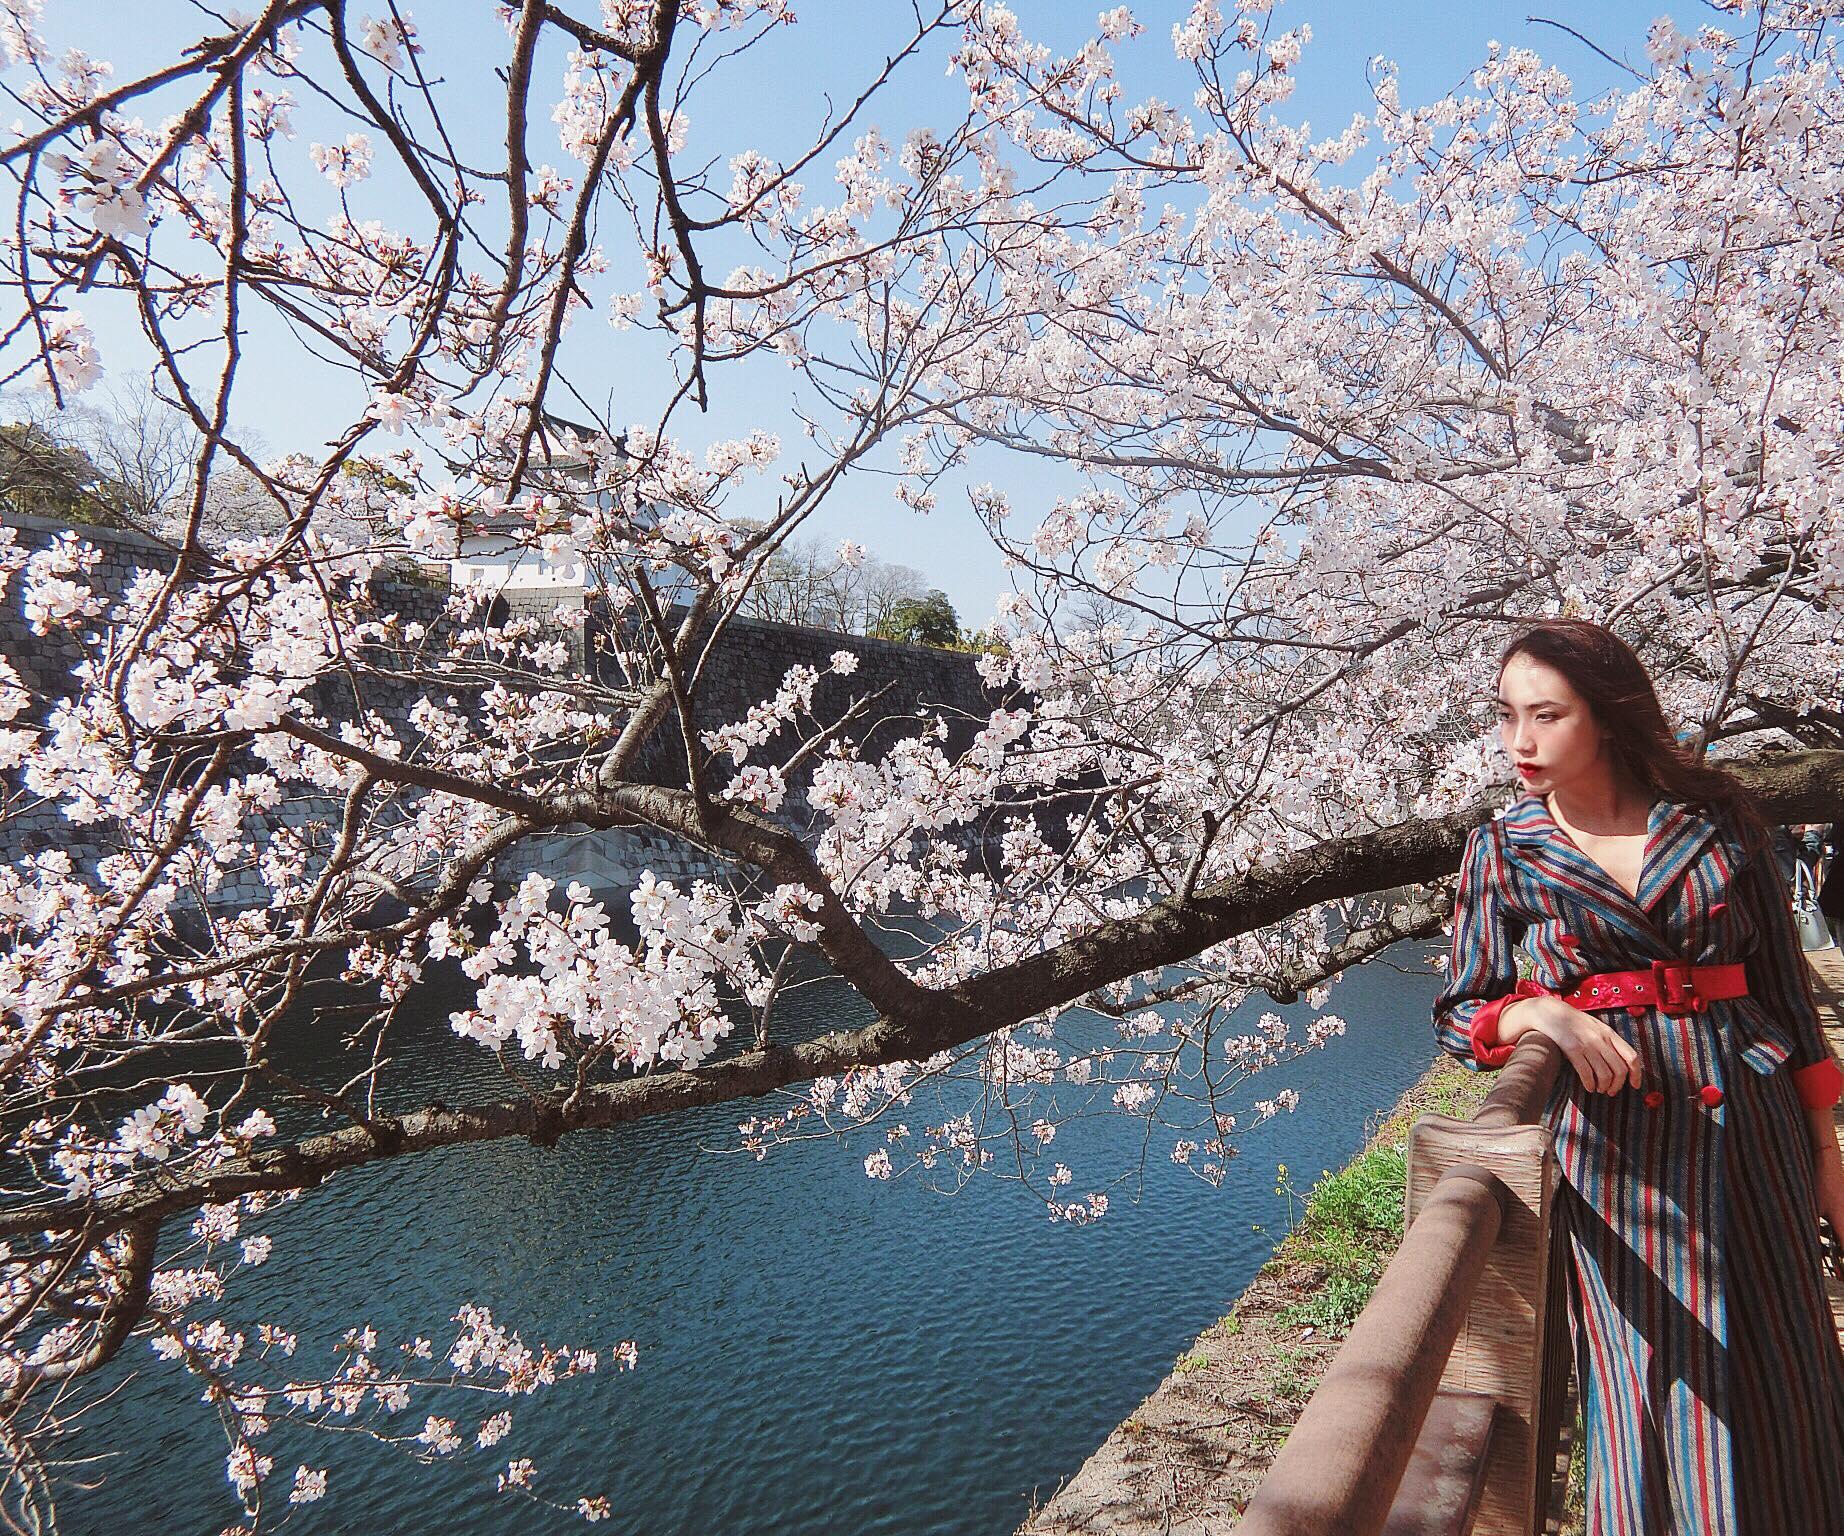 Nhật Bản, Japan. ravelholic Lý Anh Thư, dulichchat, du lịch chất, blog du lịch, tuân cuồng chân blogger